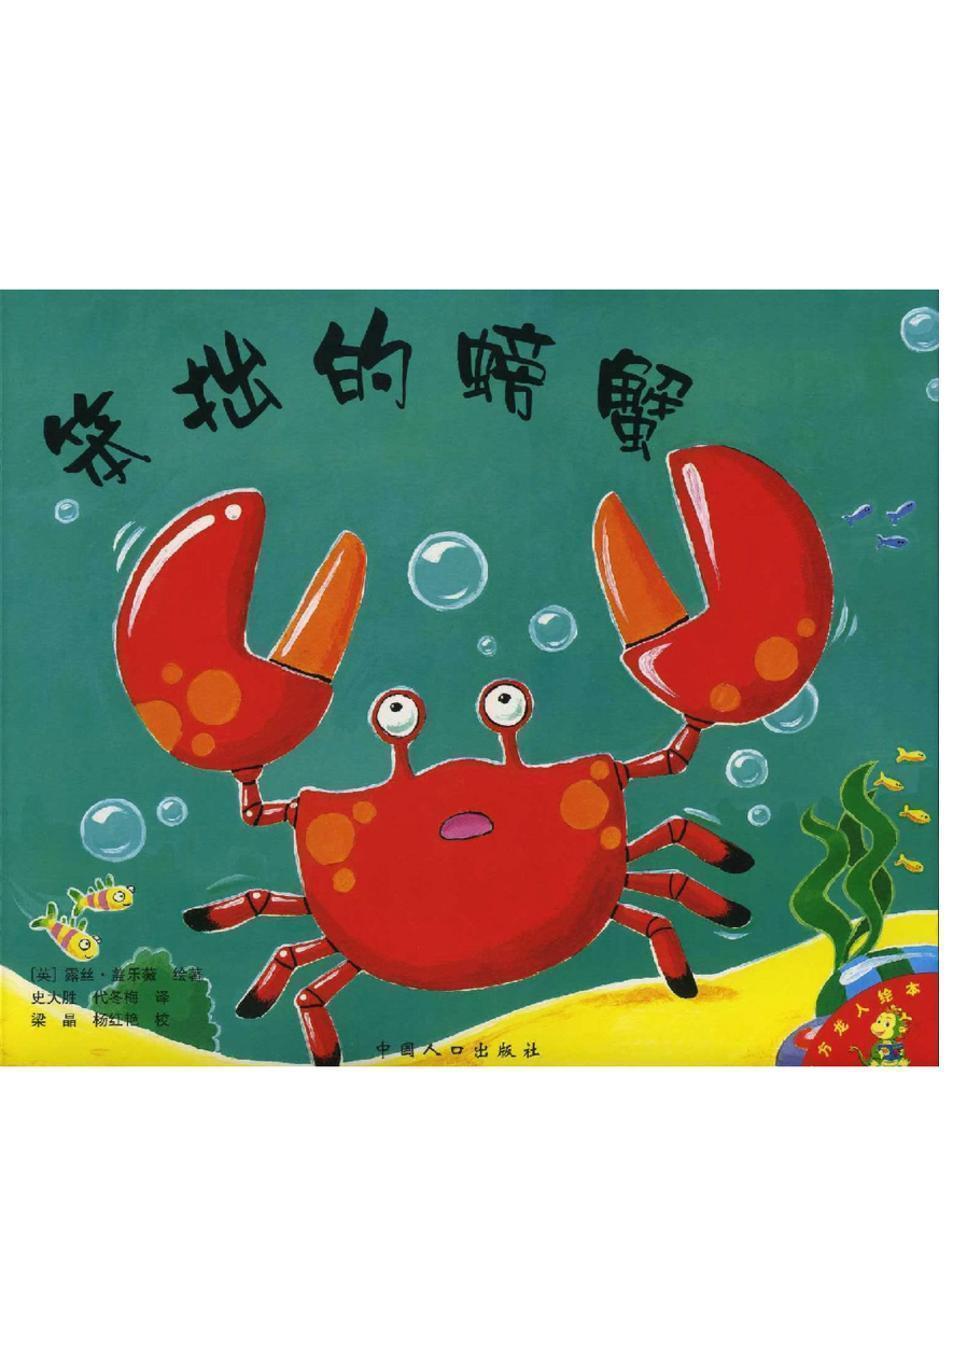 笨拙的螃蟹.ppt